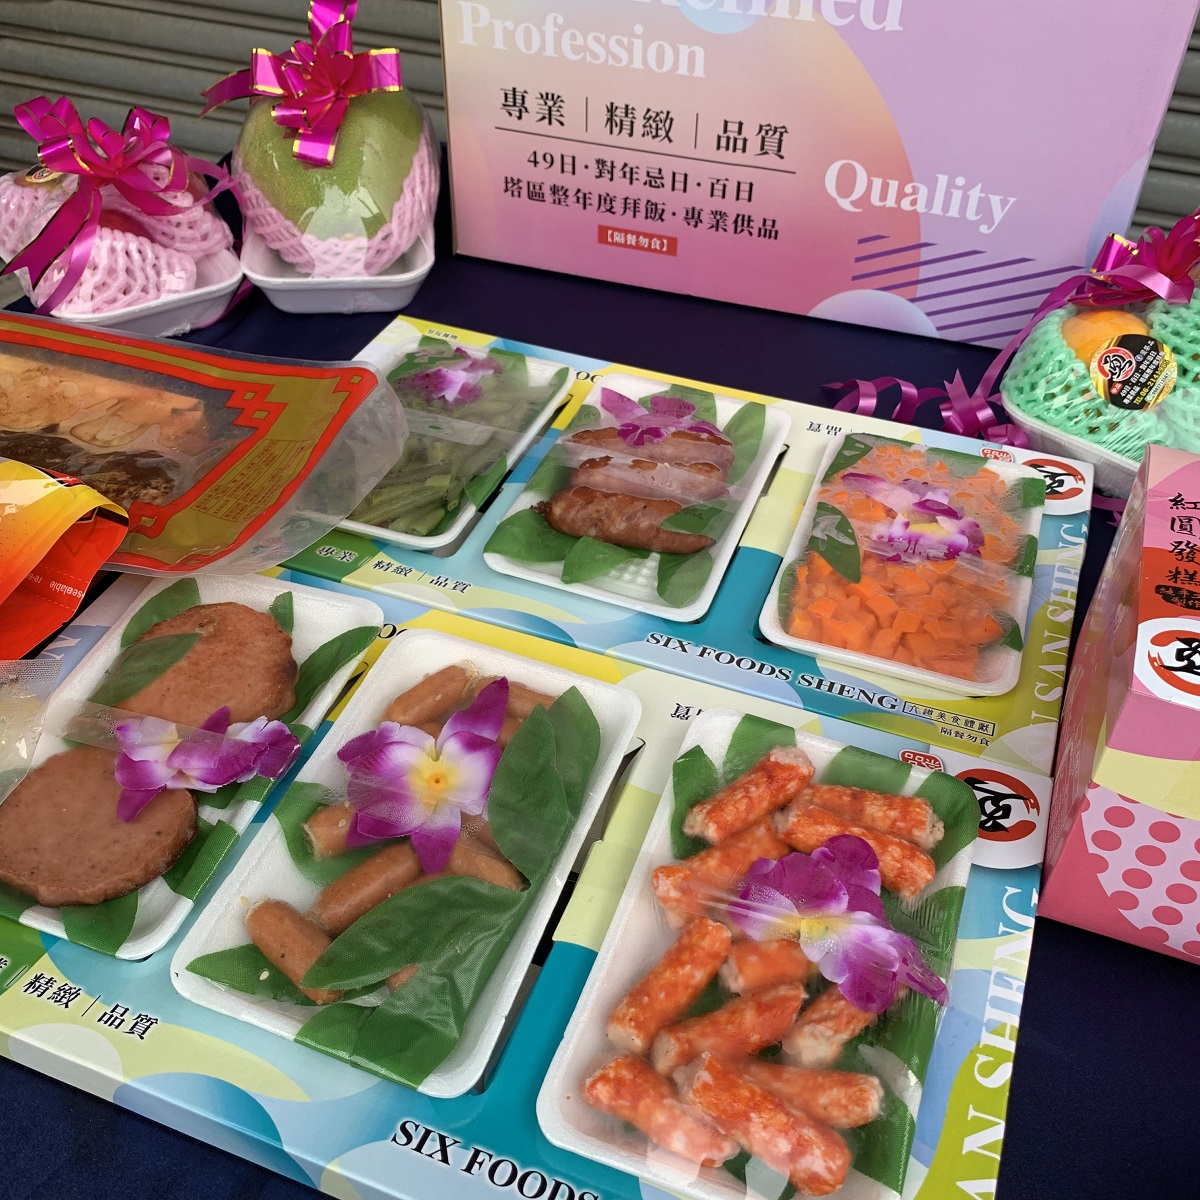 法事祭品-尾日飽福葷六飯菜全組含未煮八珍湯藥壺